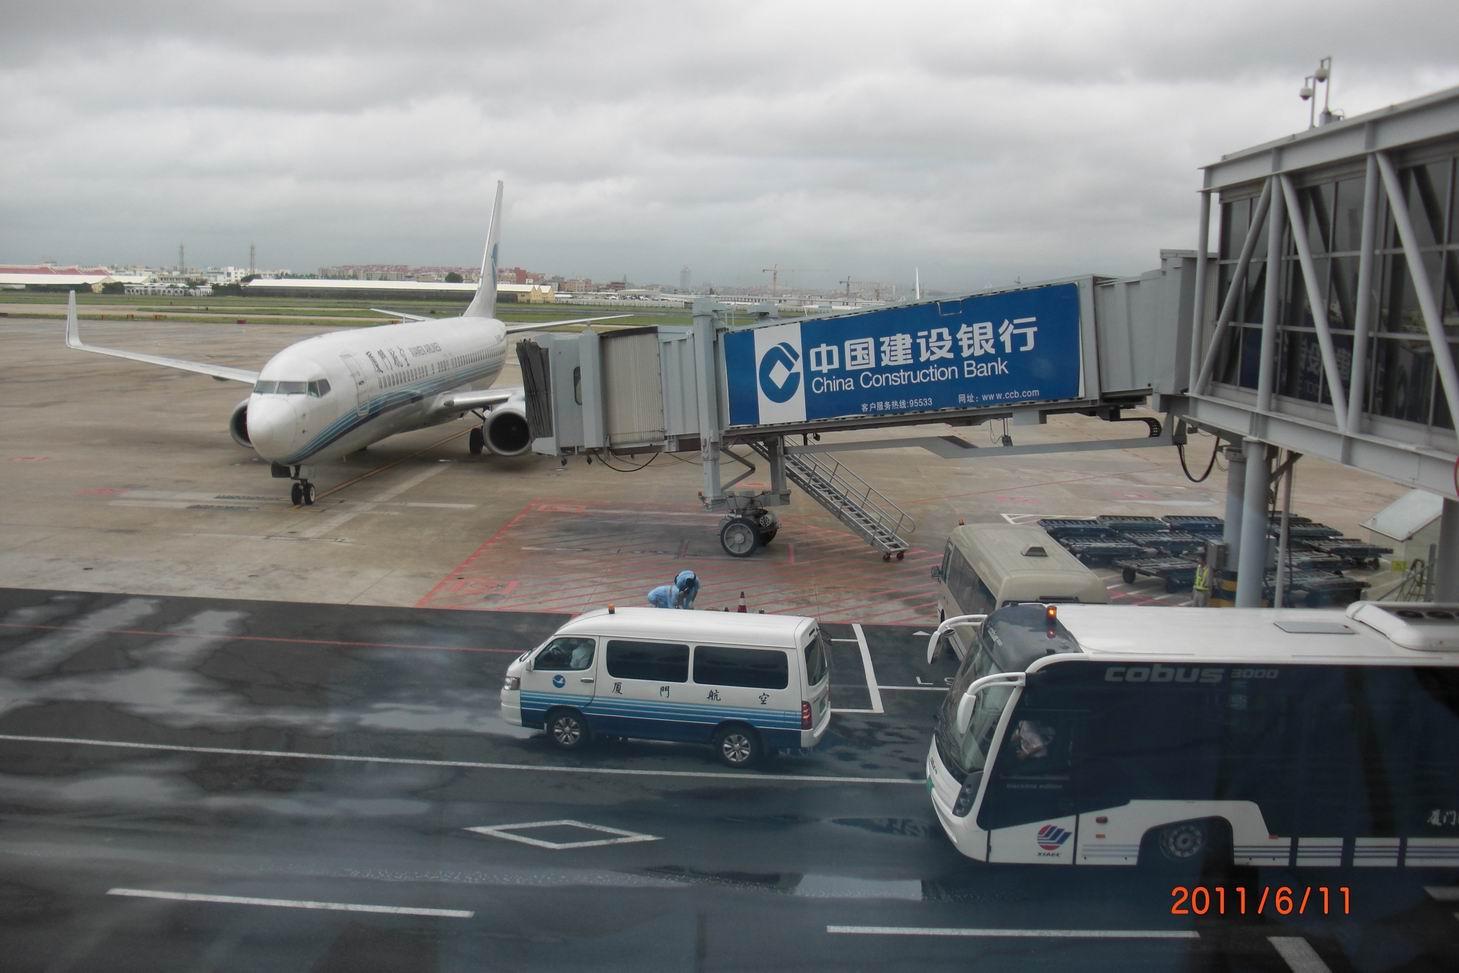 飞机路过汕头的地段,经常遇气流